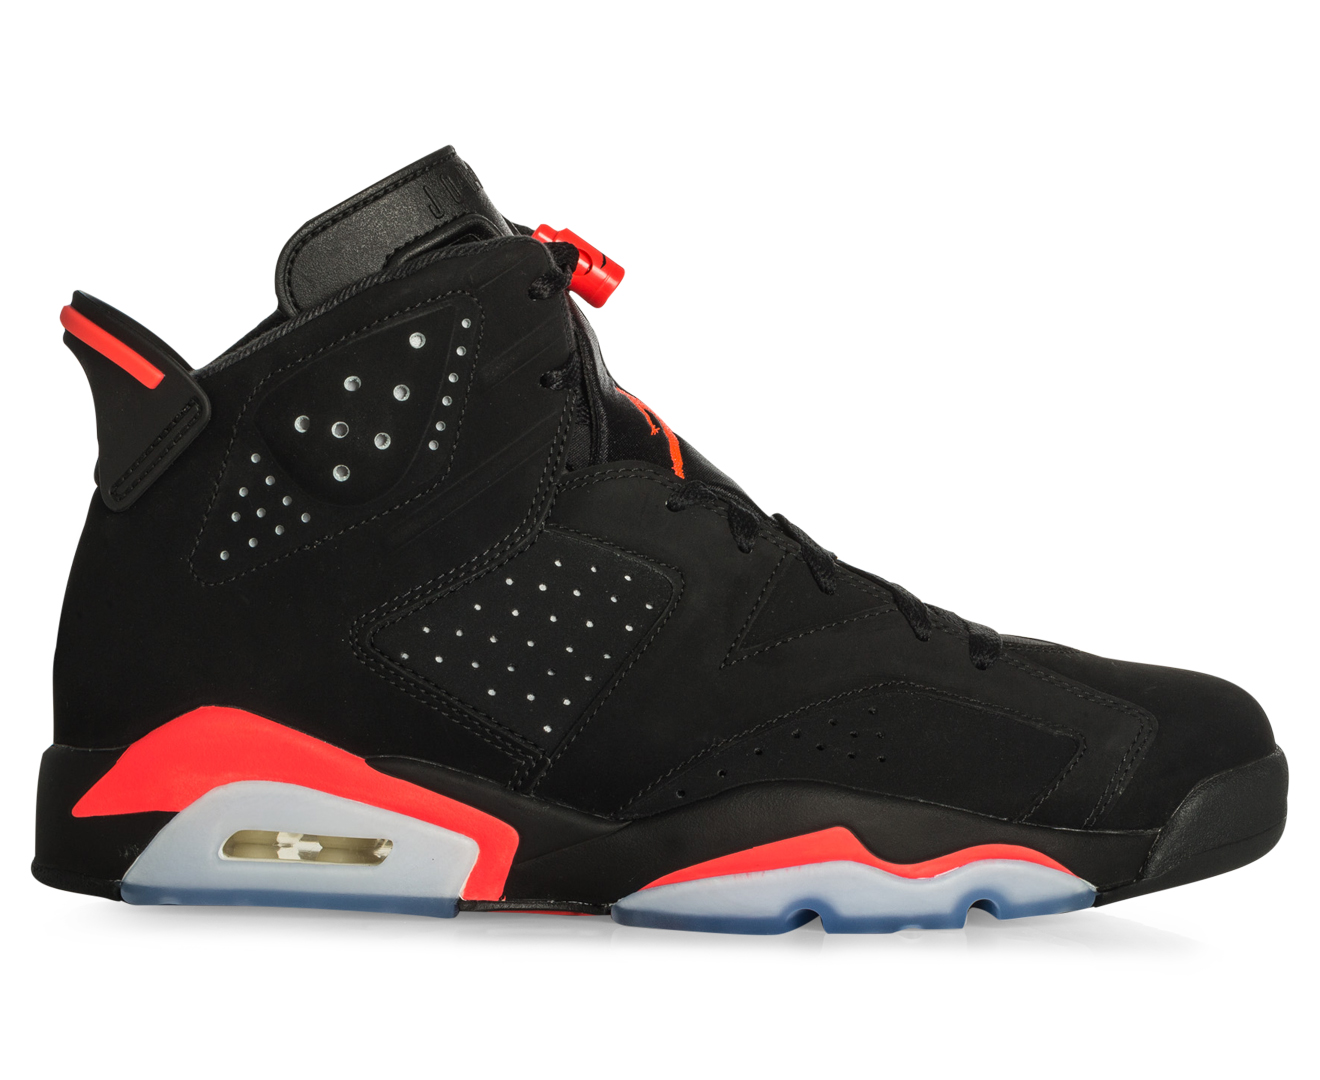 Nike Air Jordan 6 Vi Rétro - Noir / Infrarouge Massagers Profondes sortie geniue stockist réel en ligne prix de sortie pas cher véritable iIdeLMr